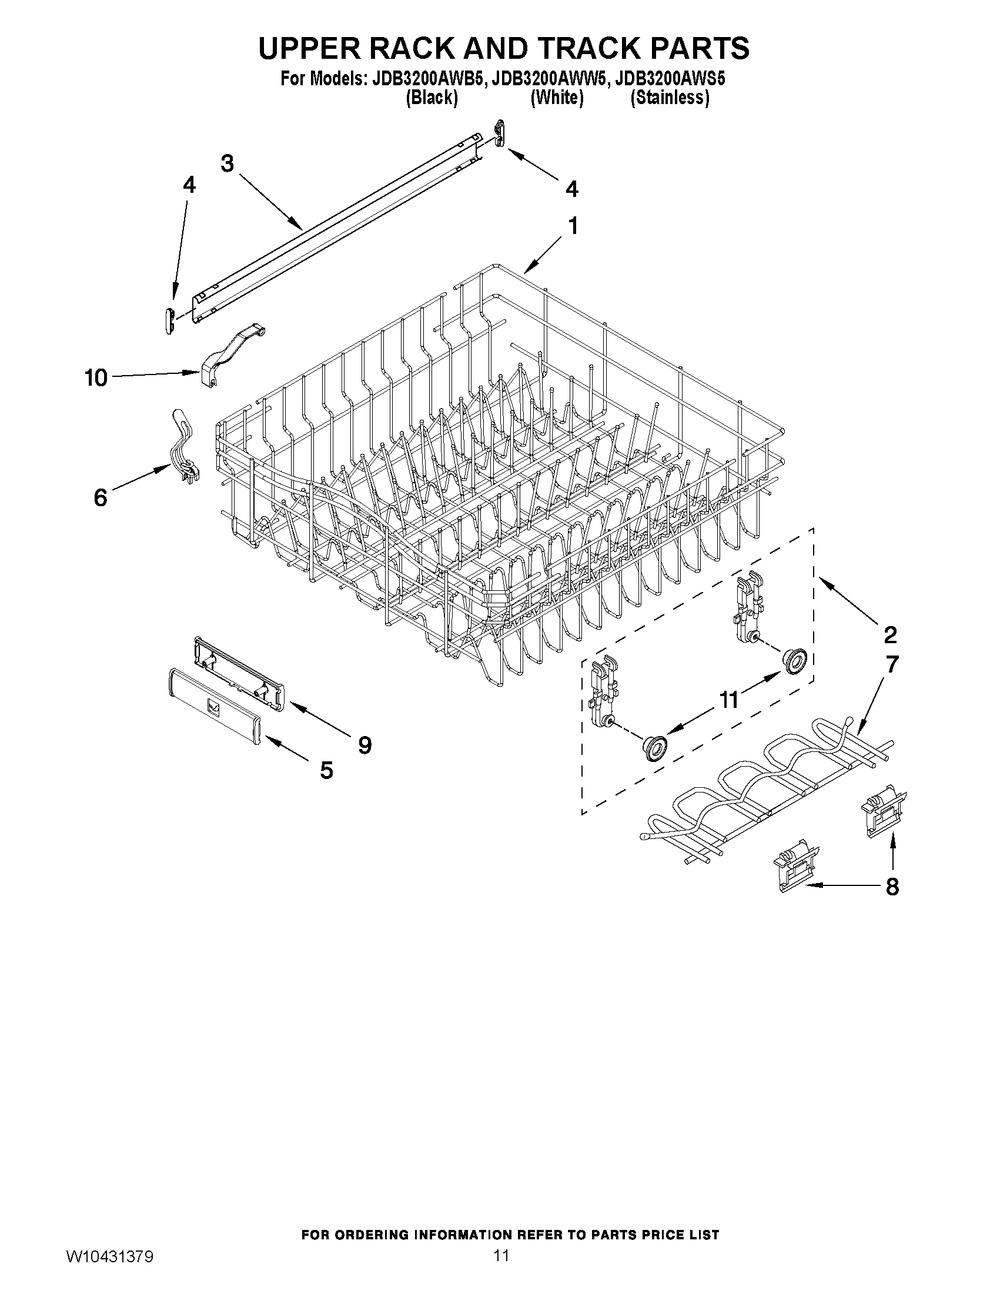 Diagram for JDB3200AWS5